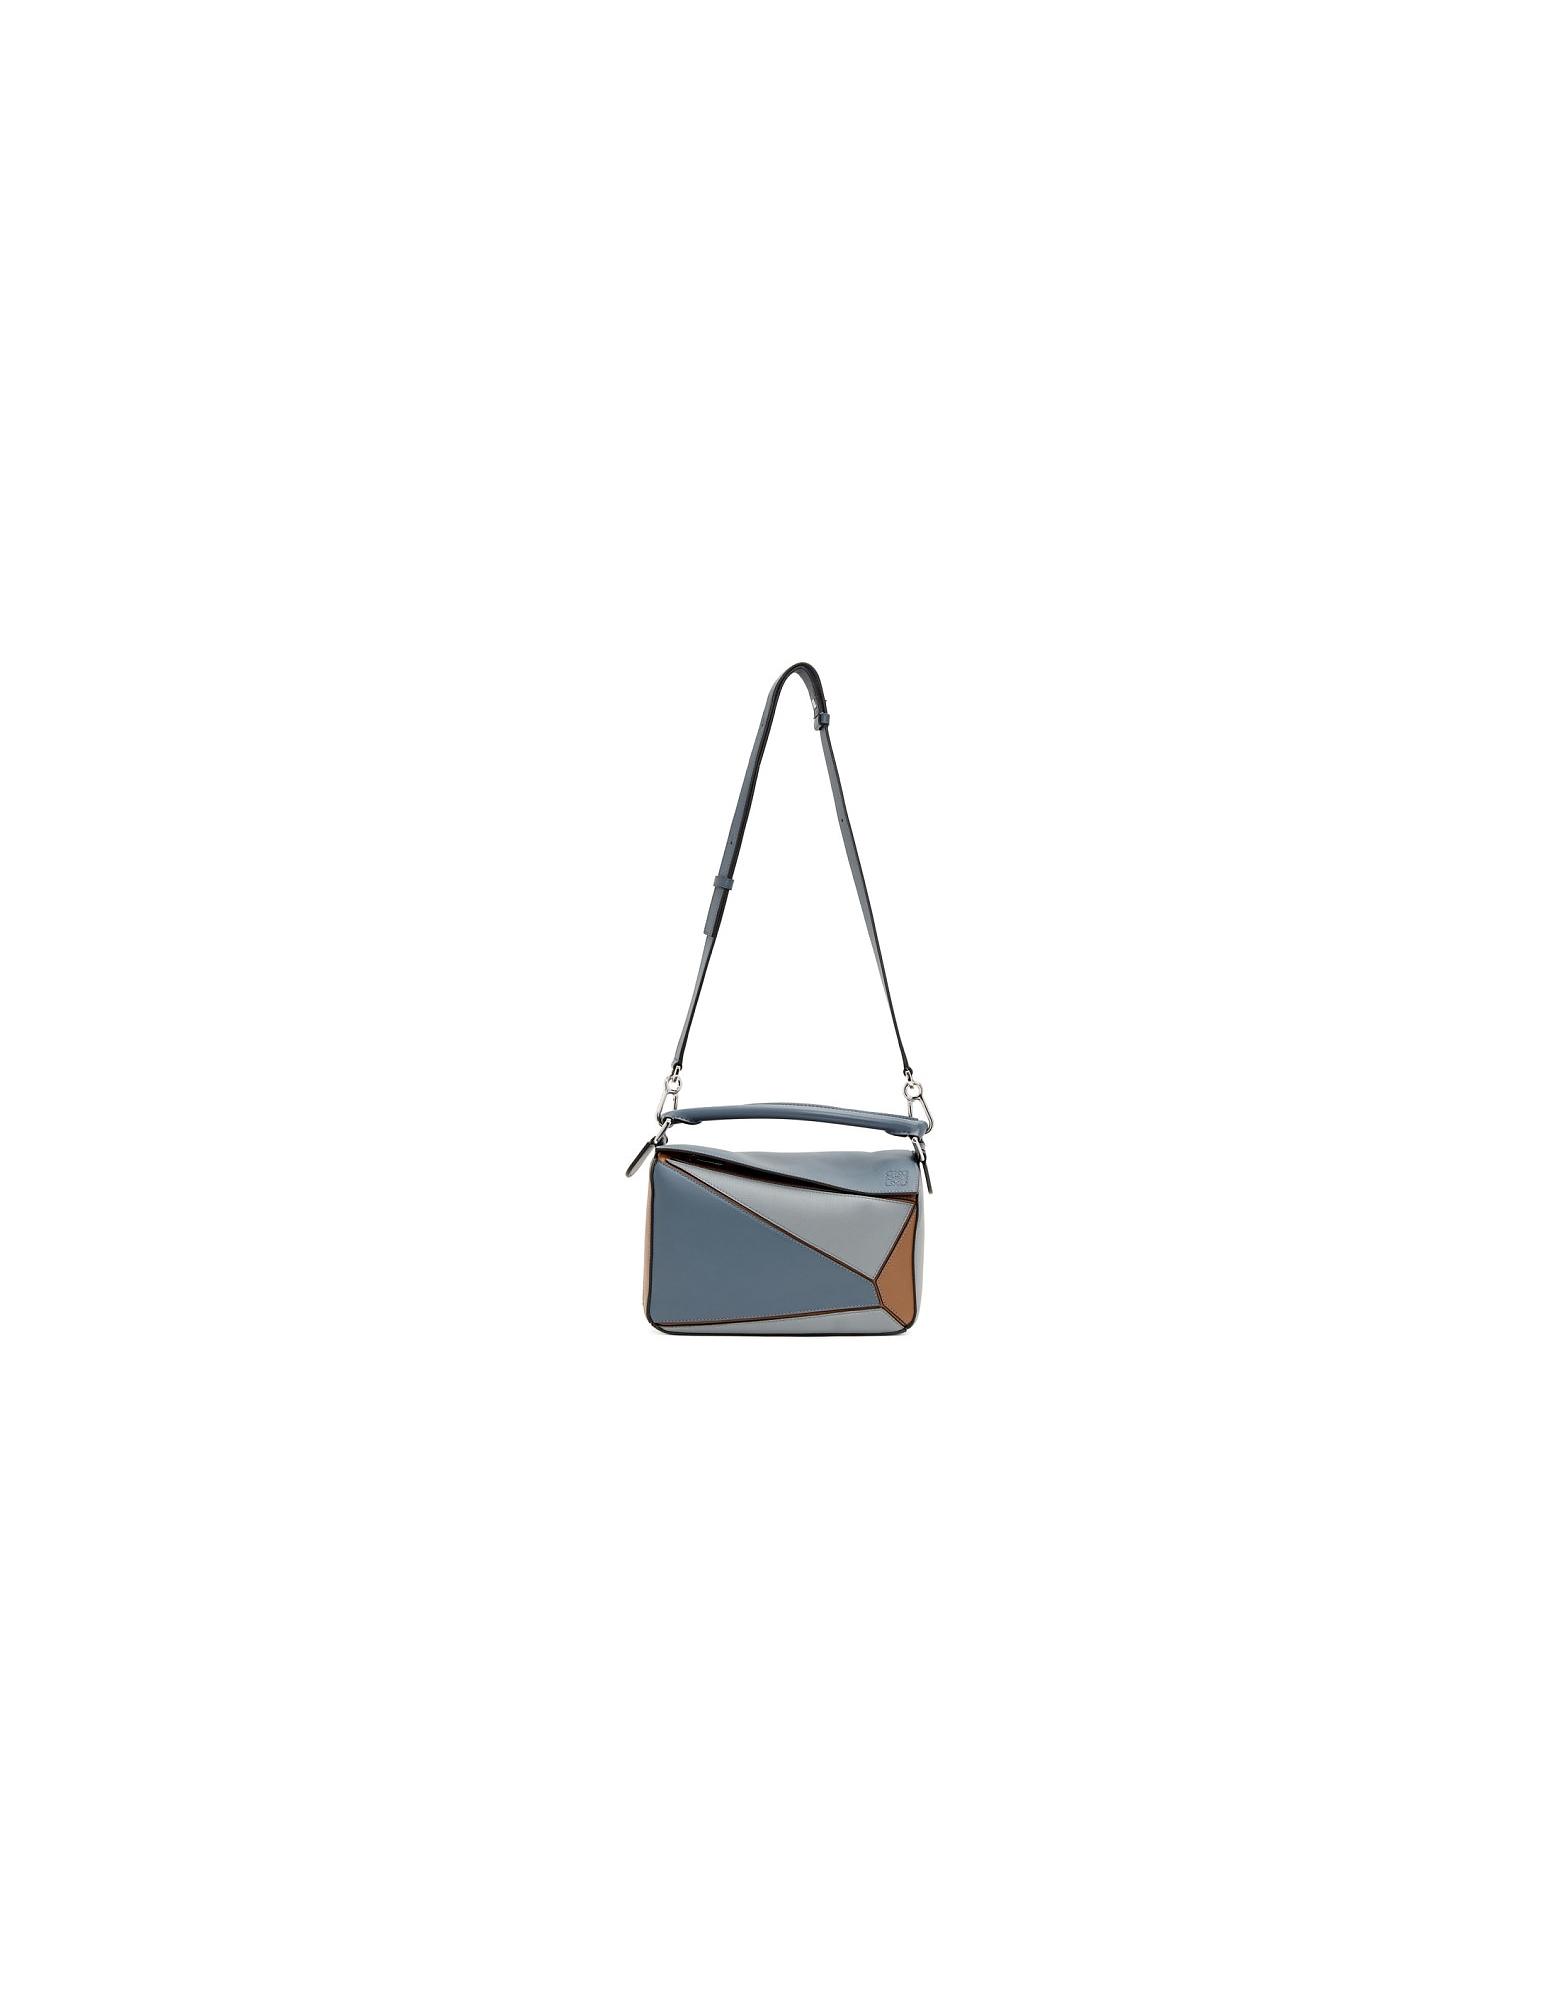 Loewe Designer Handbags, Blue and Tan Small Puzzle Bag